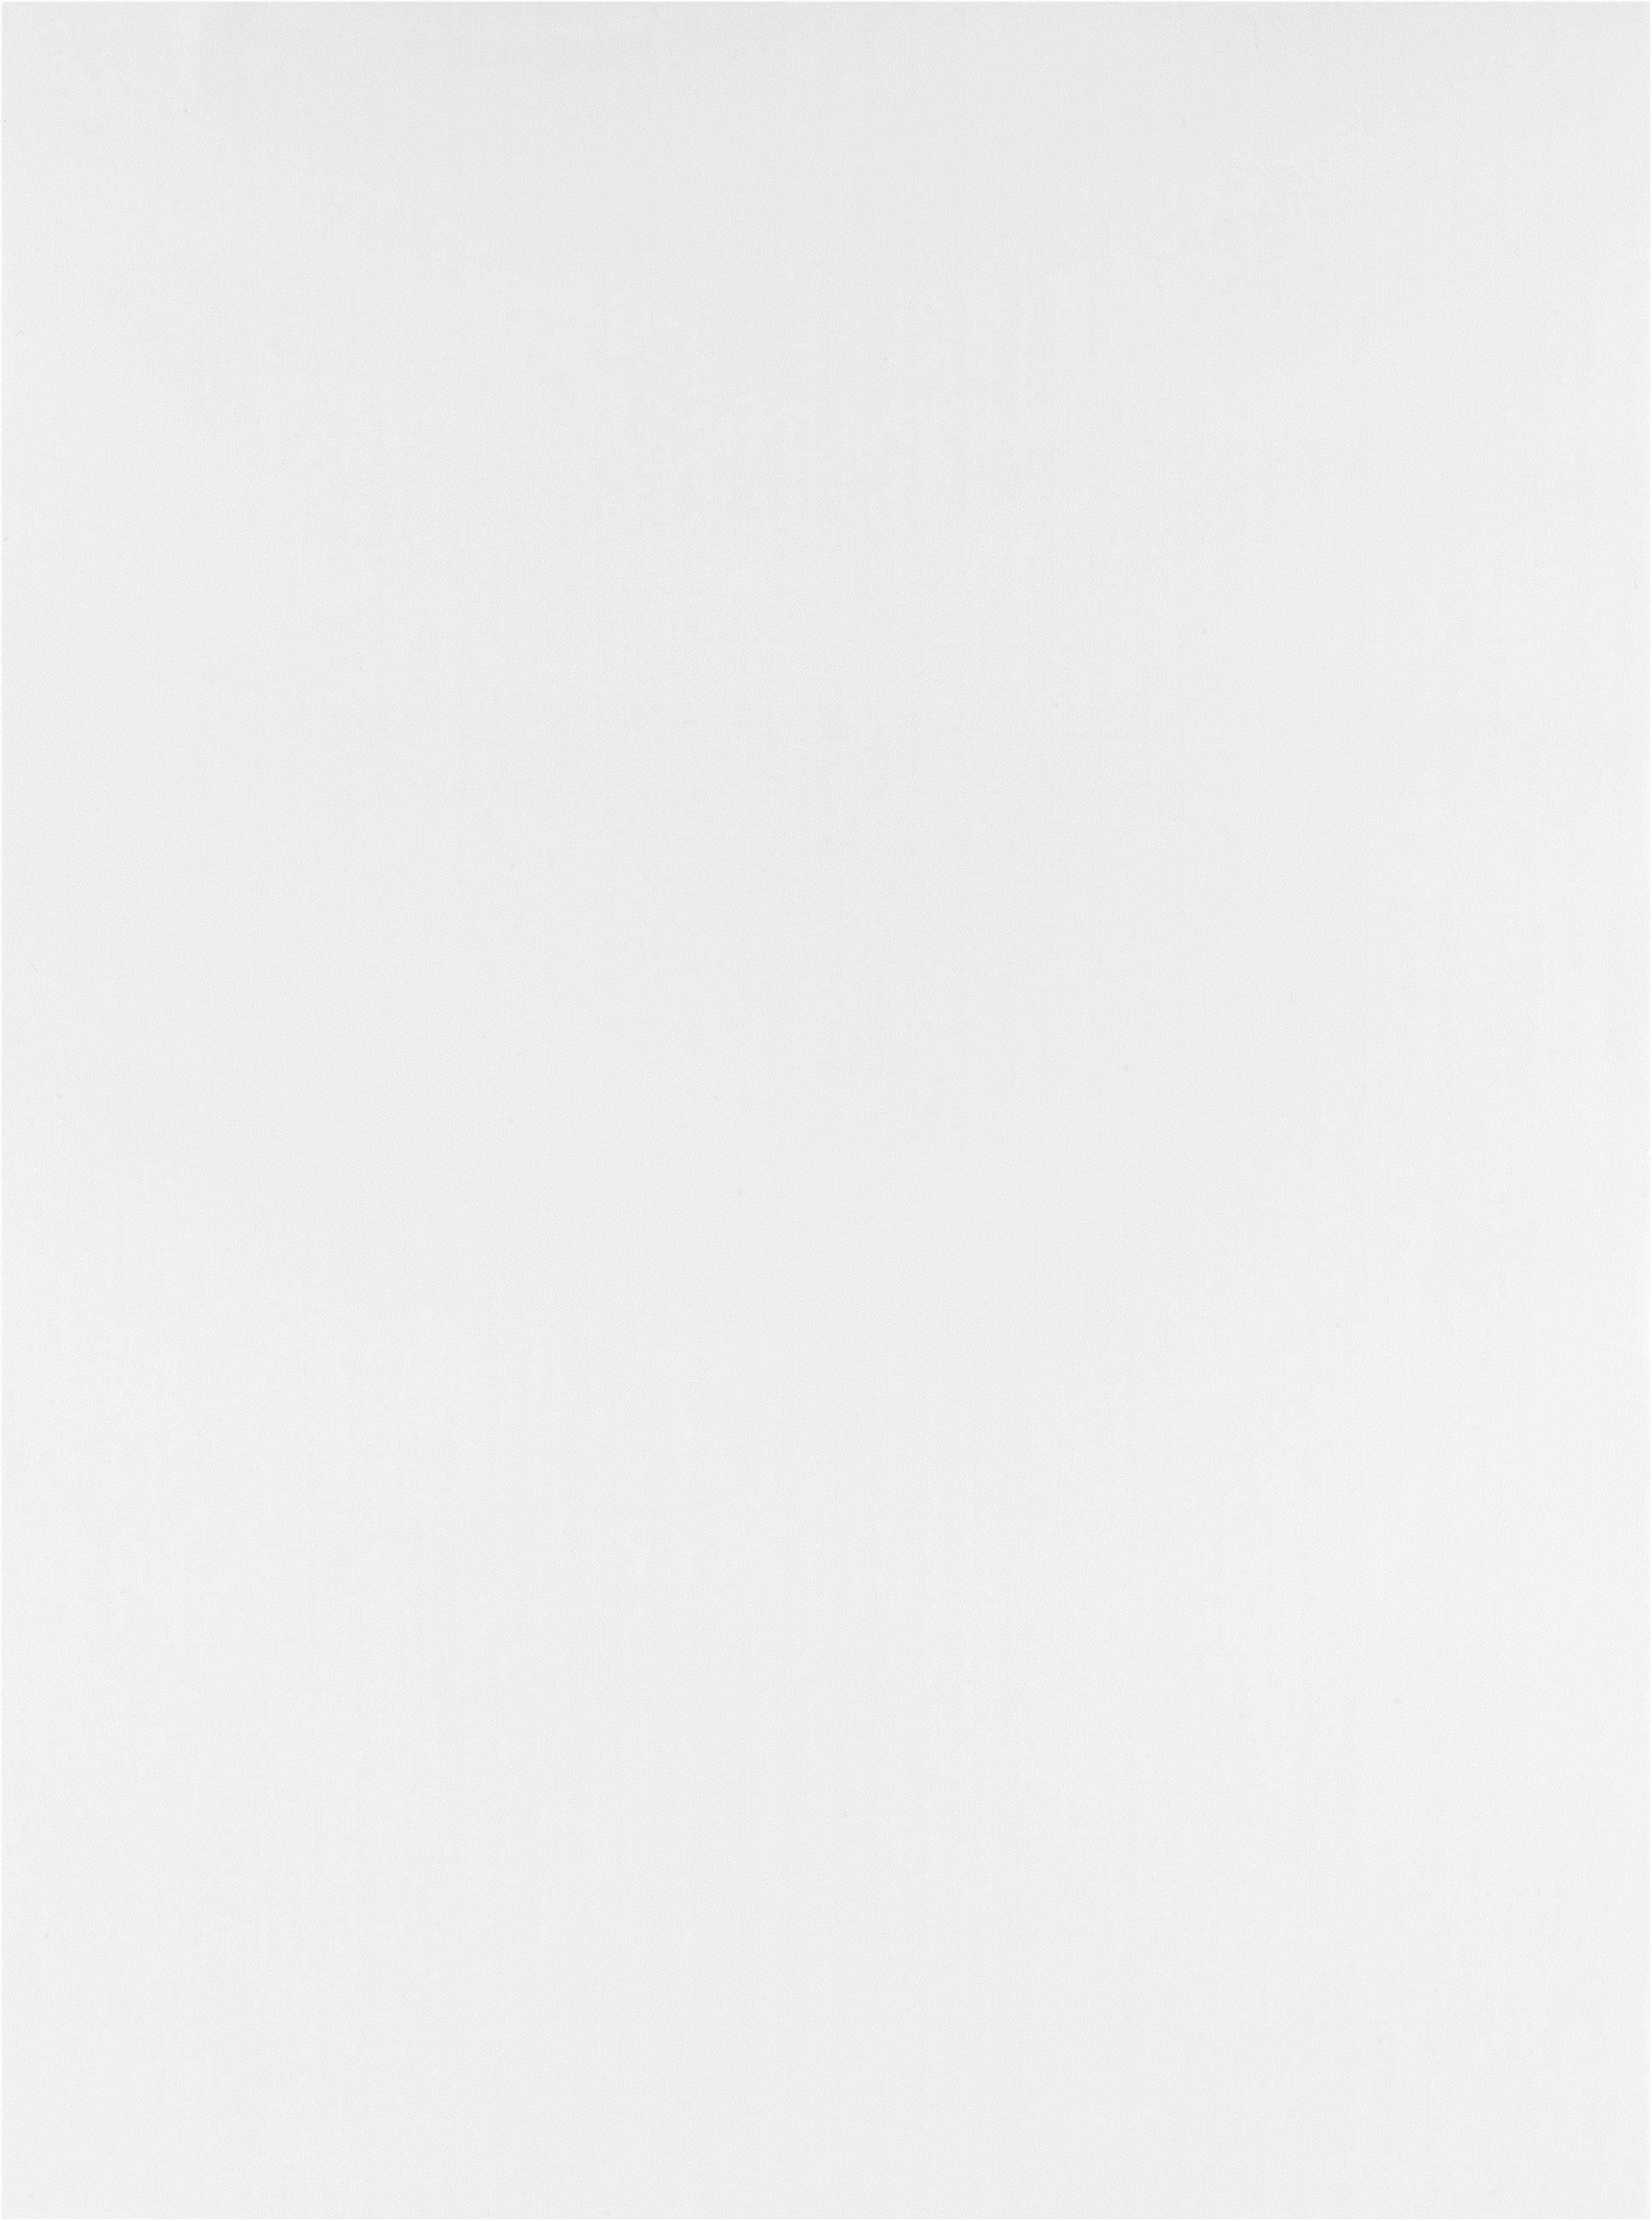 Polyesterová fólia s vrstvou 528415